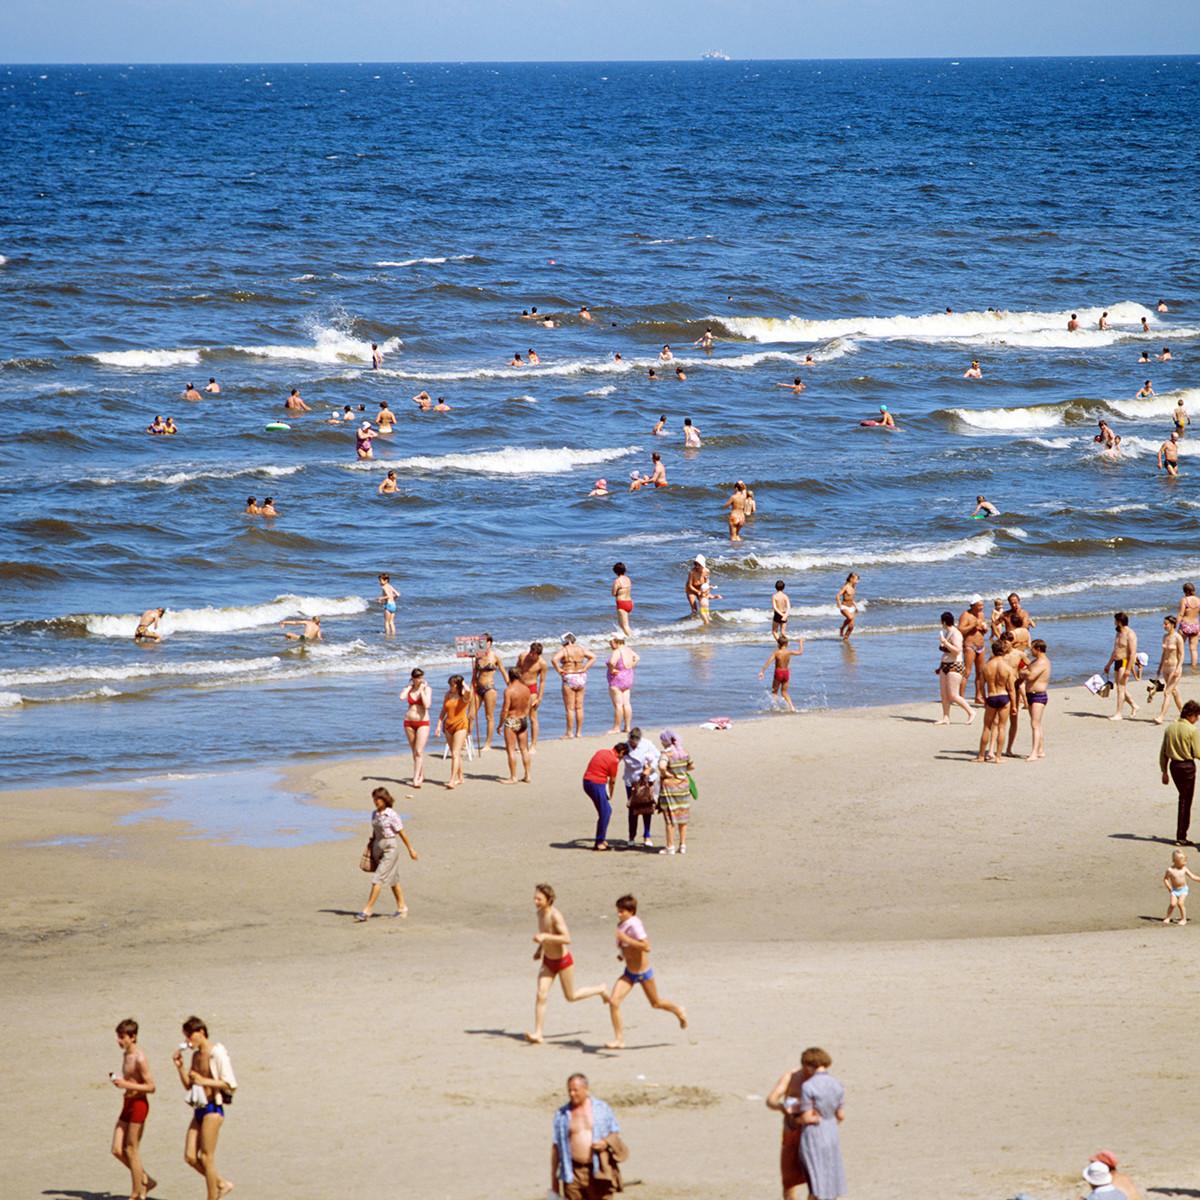 ユルマラのビーチ、1984年